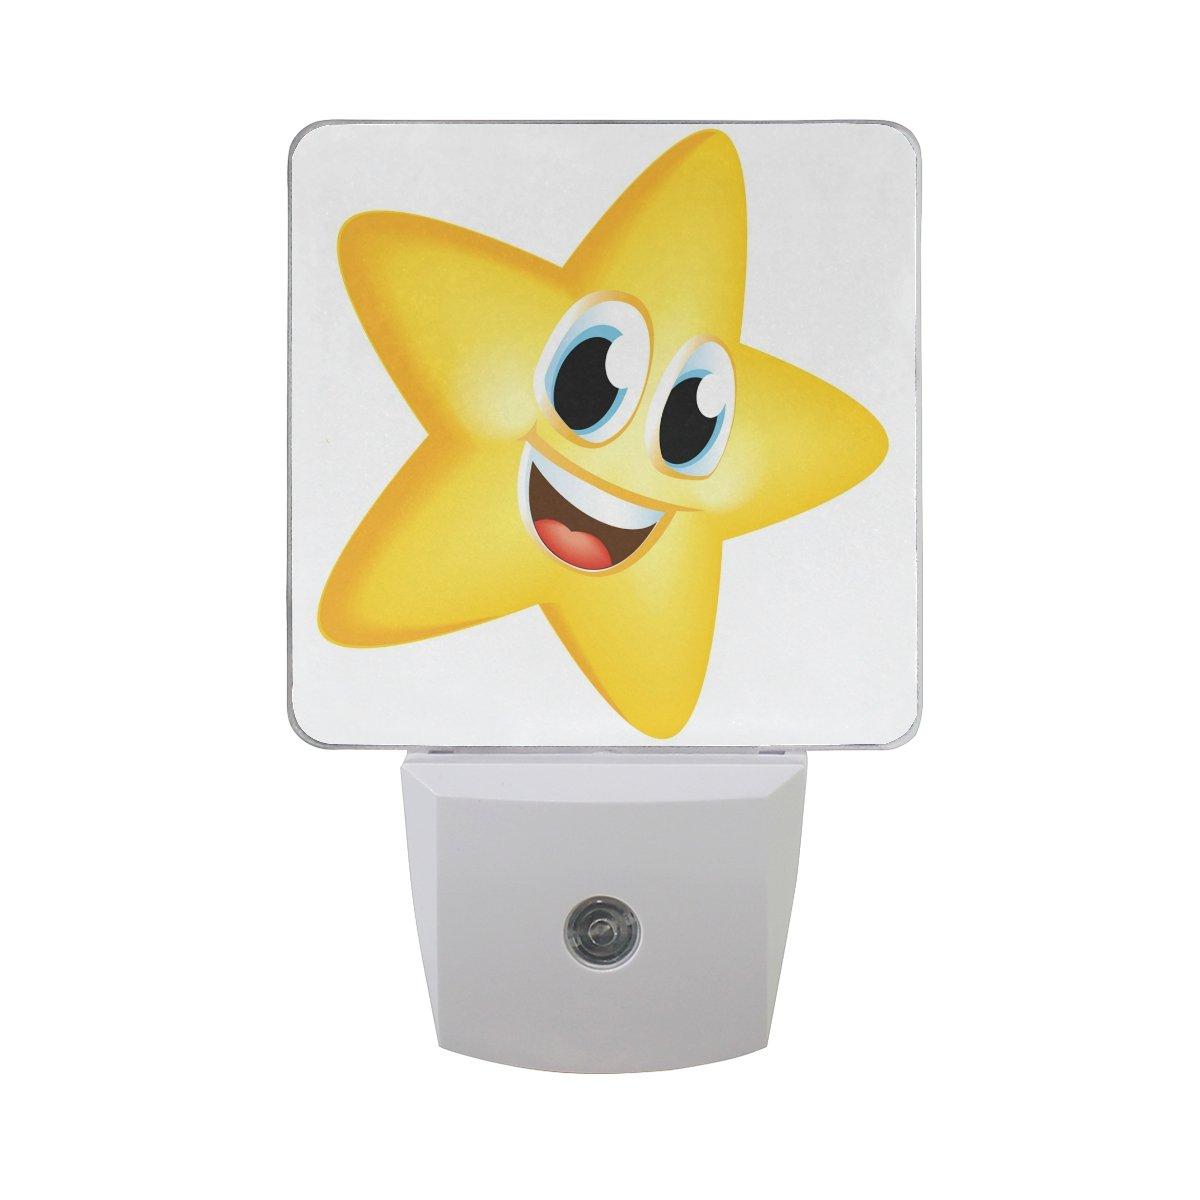 プラグインLED夜ライトランプCartoon Star印刷with Dusk to Dawnセンサーのベッドルーム、バスルーム、廊下、階段、2 pack-0.5 W B07CTHWT8T